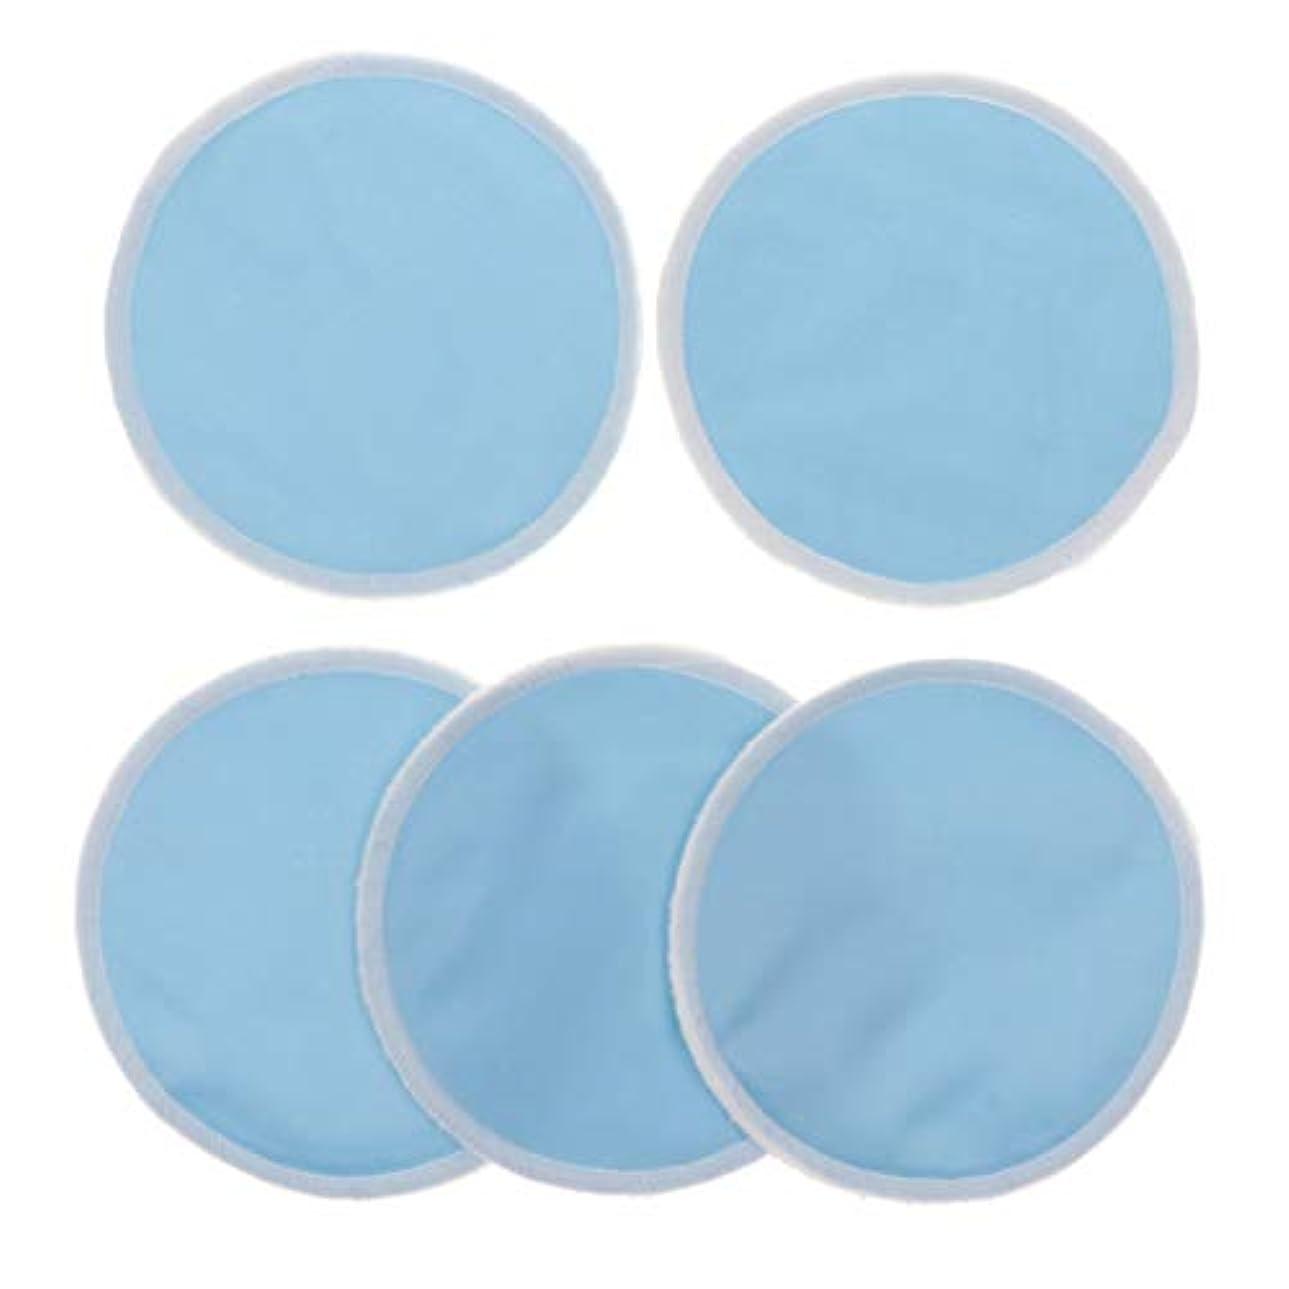 留まる年関数Fenteer 12cm 胸パッド クレンジングシート 化粧水パッド 竹繊維 円形 洗える 再使用可能 5個 全5色 - 青